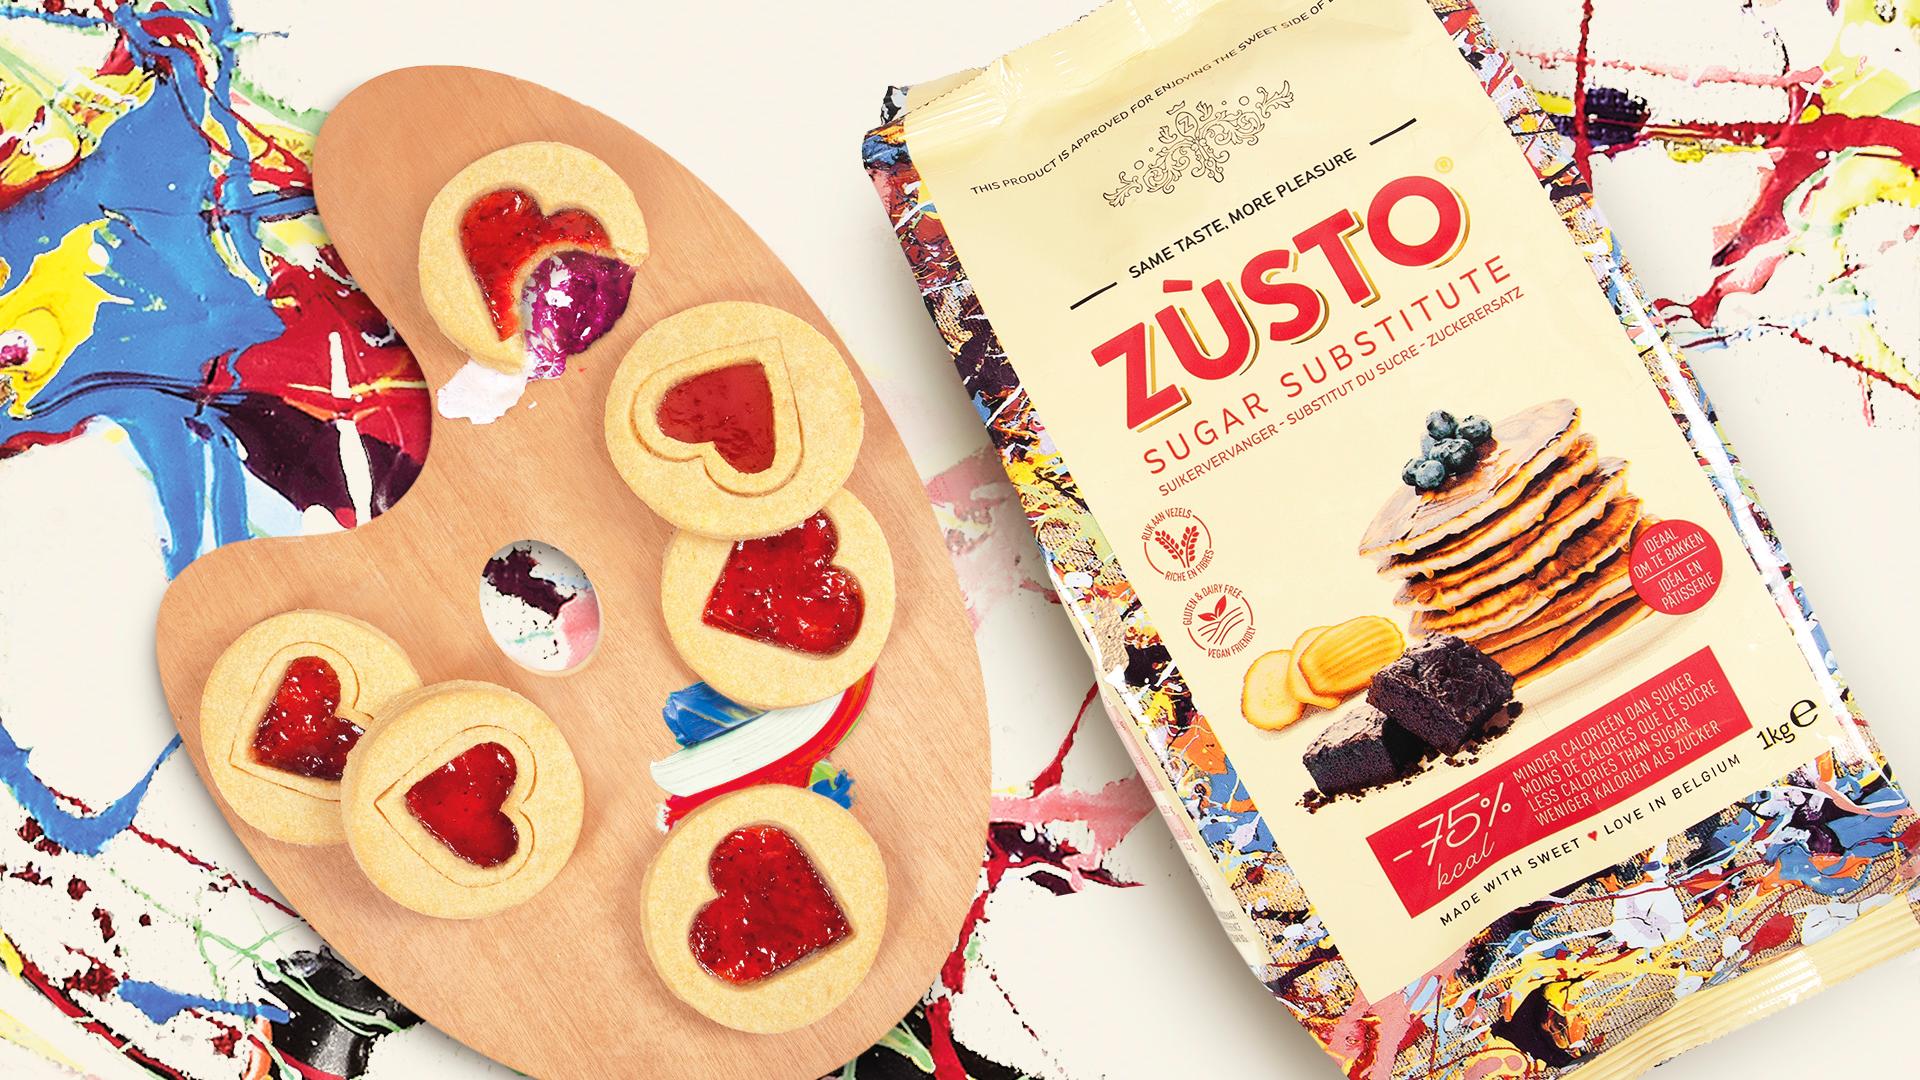 Zusto, branding en packaging design door DesignRepublic